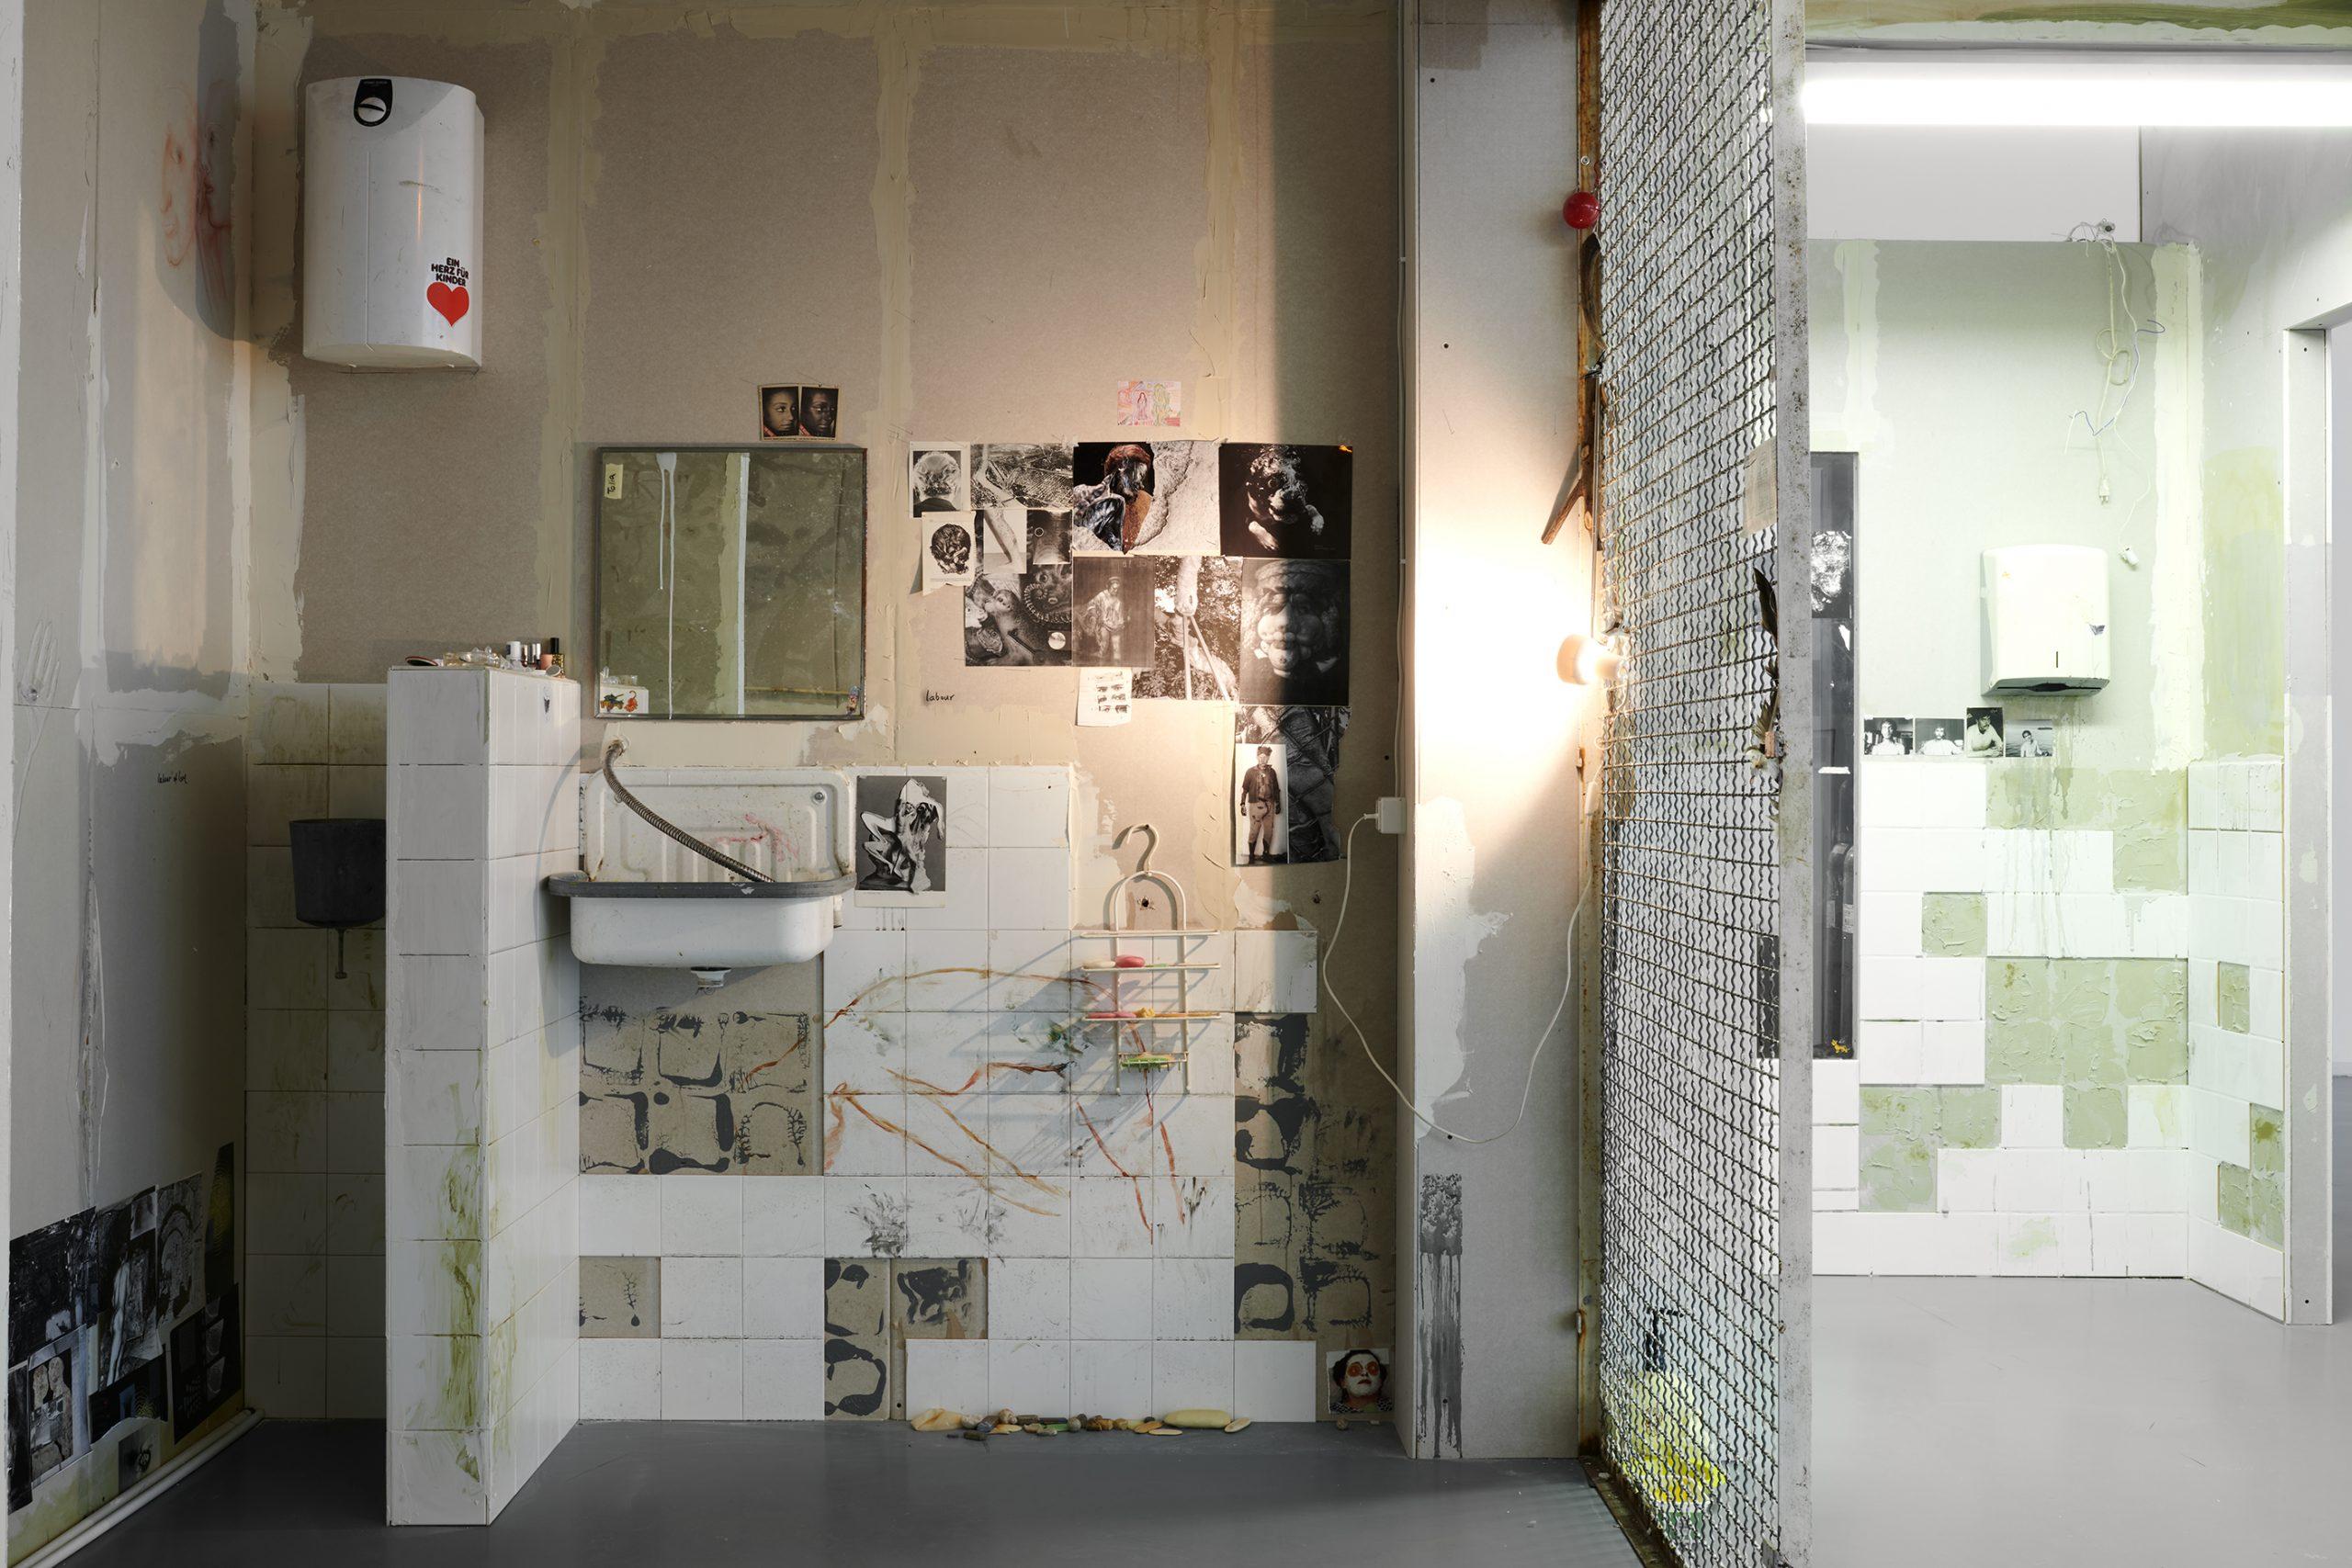 Bahnhofsmission Kunstverein – Schnittpunkte der Fürsorge